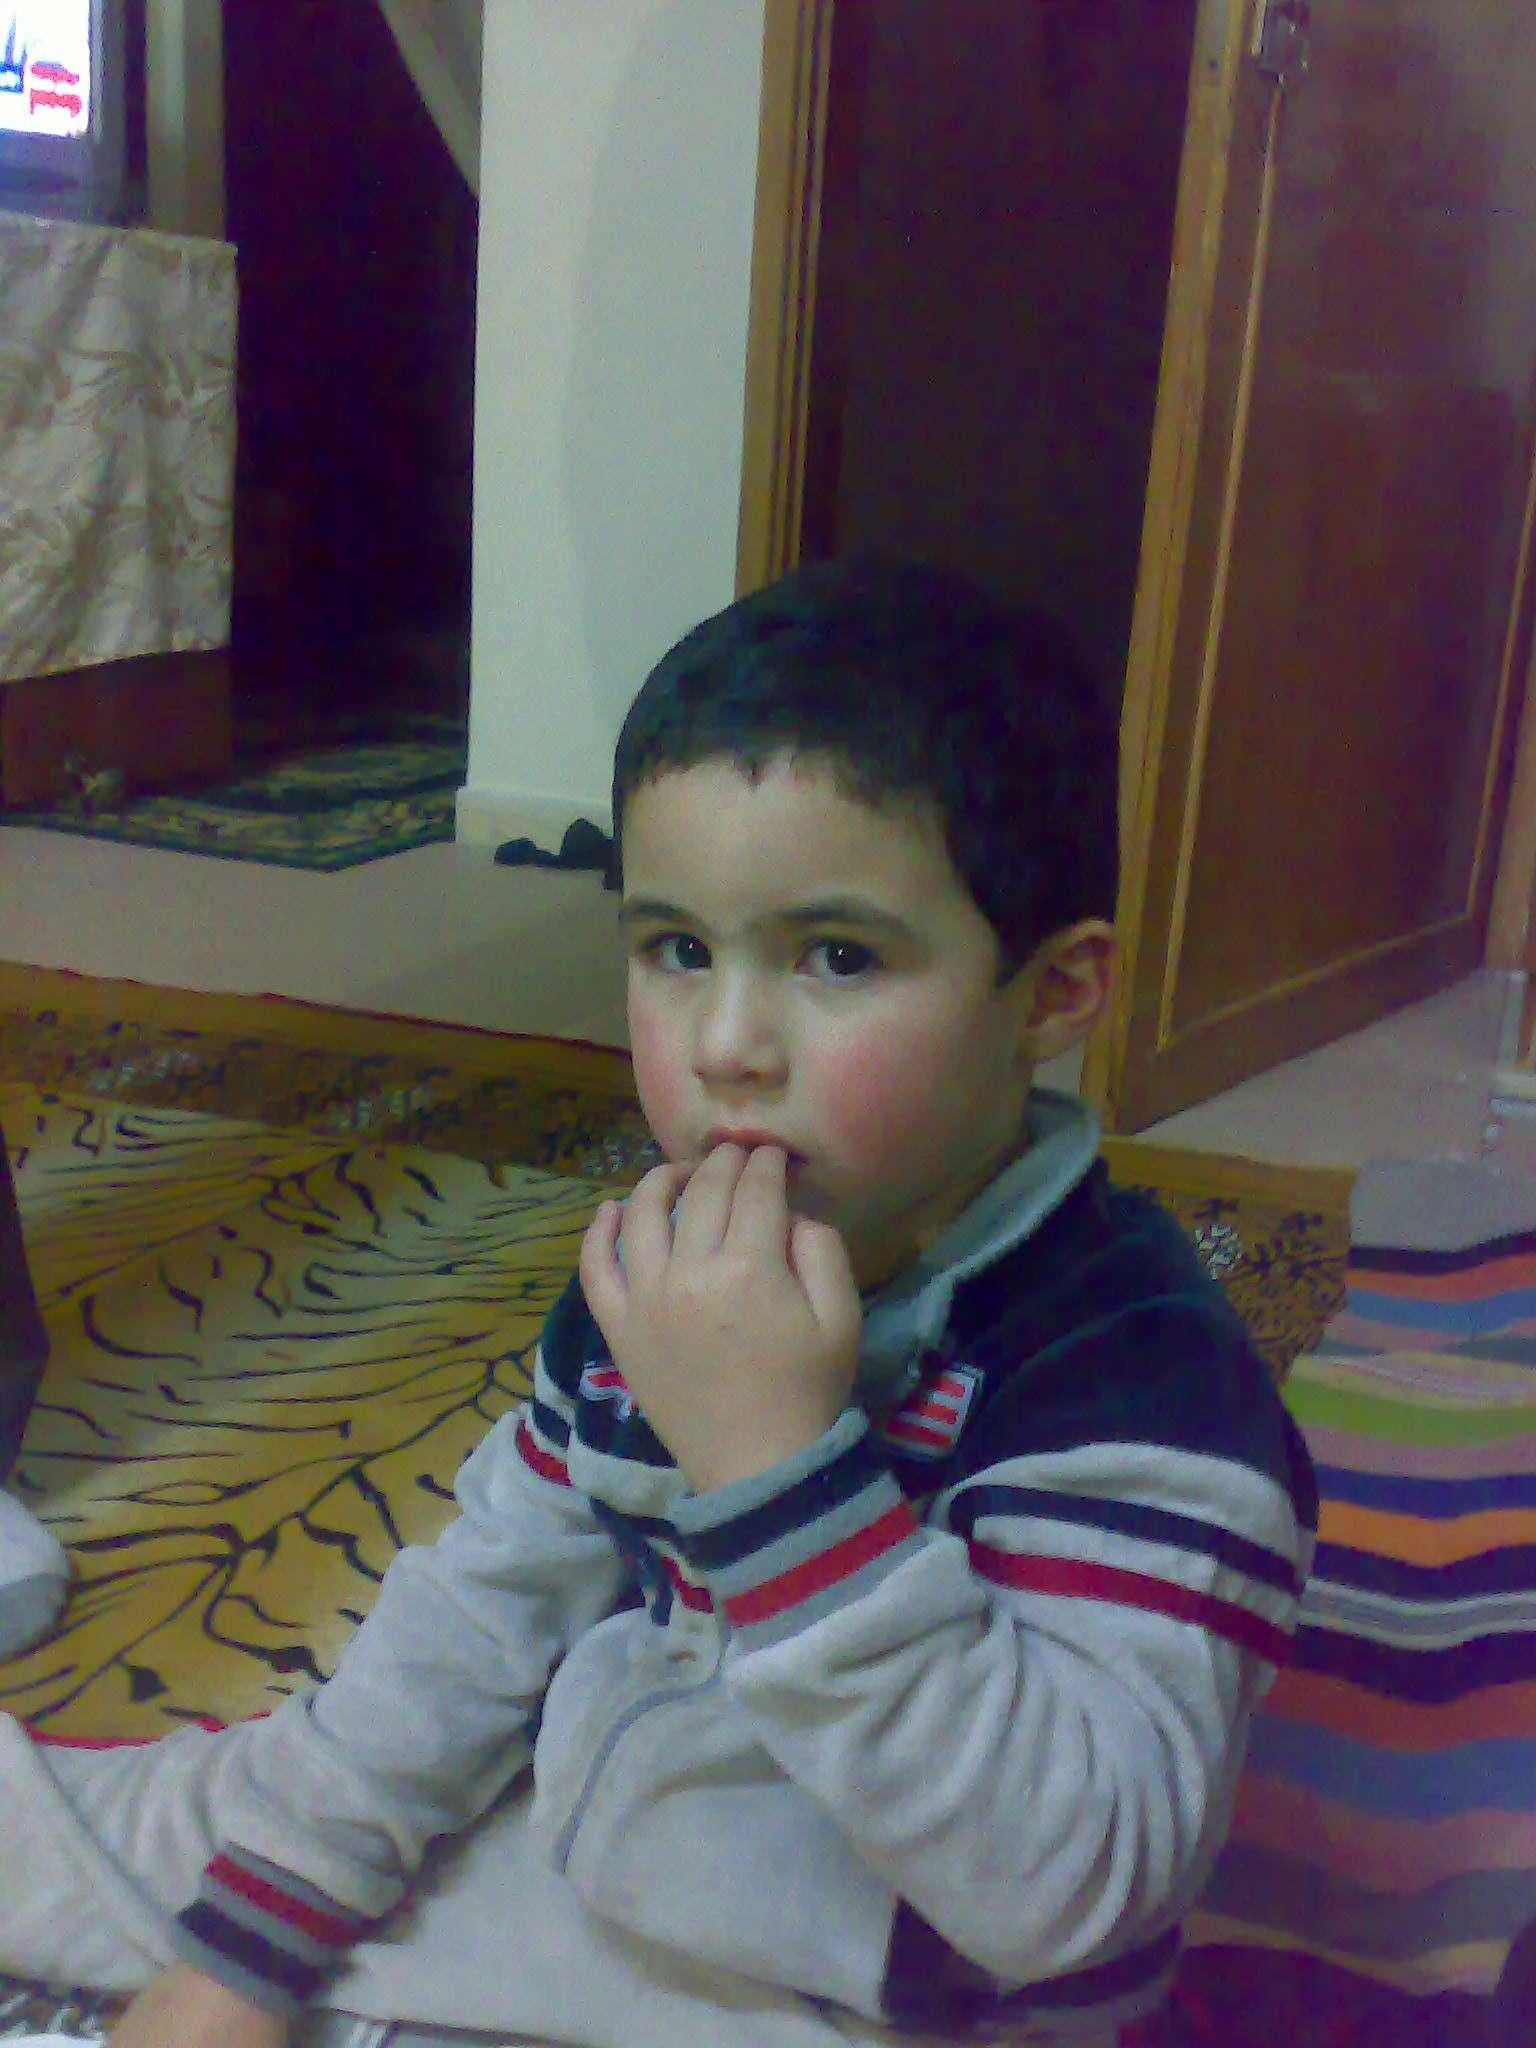 صور اطفال جميلة 10042011